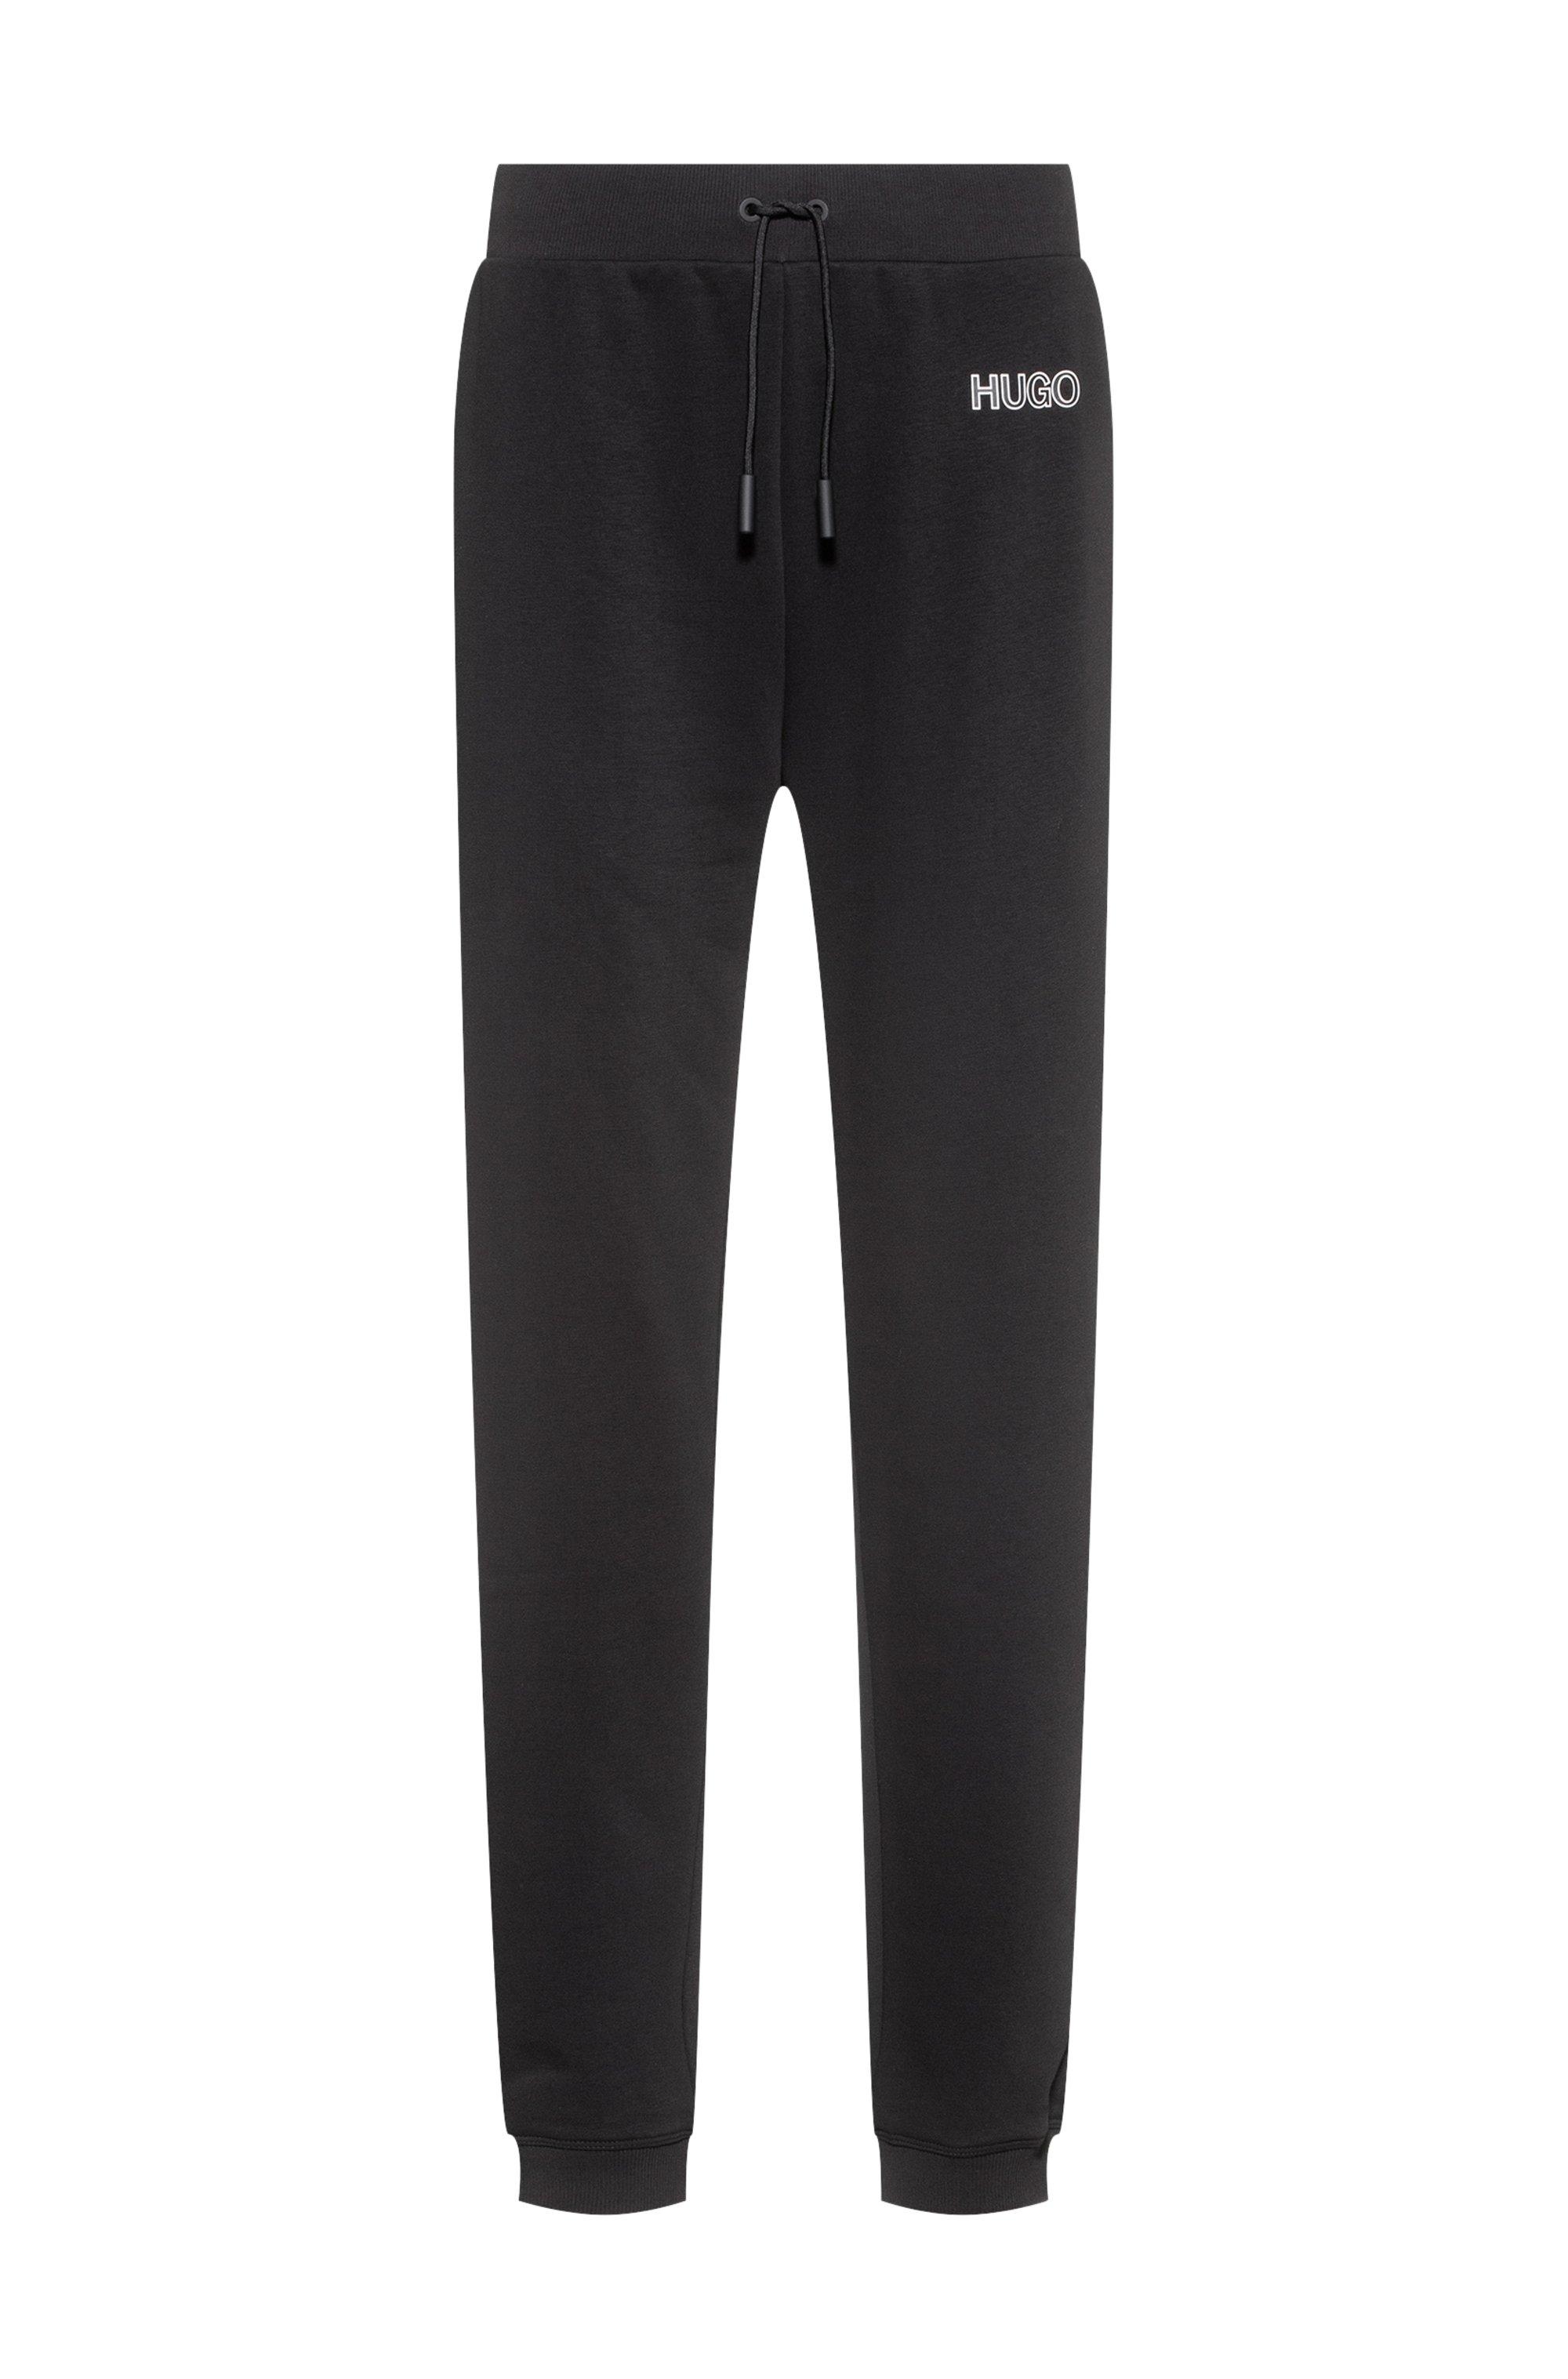 Jogginghose mit Beinbündchen und 3D-Logo aus Silikon, Schwarz